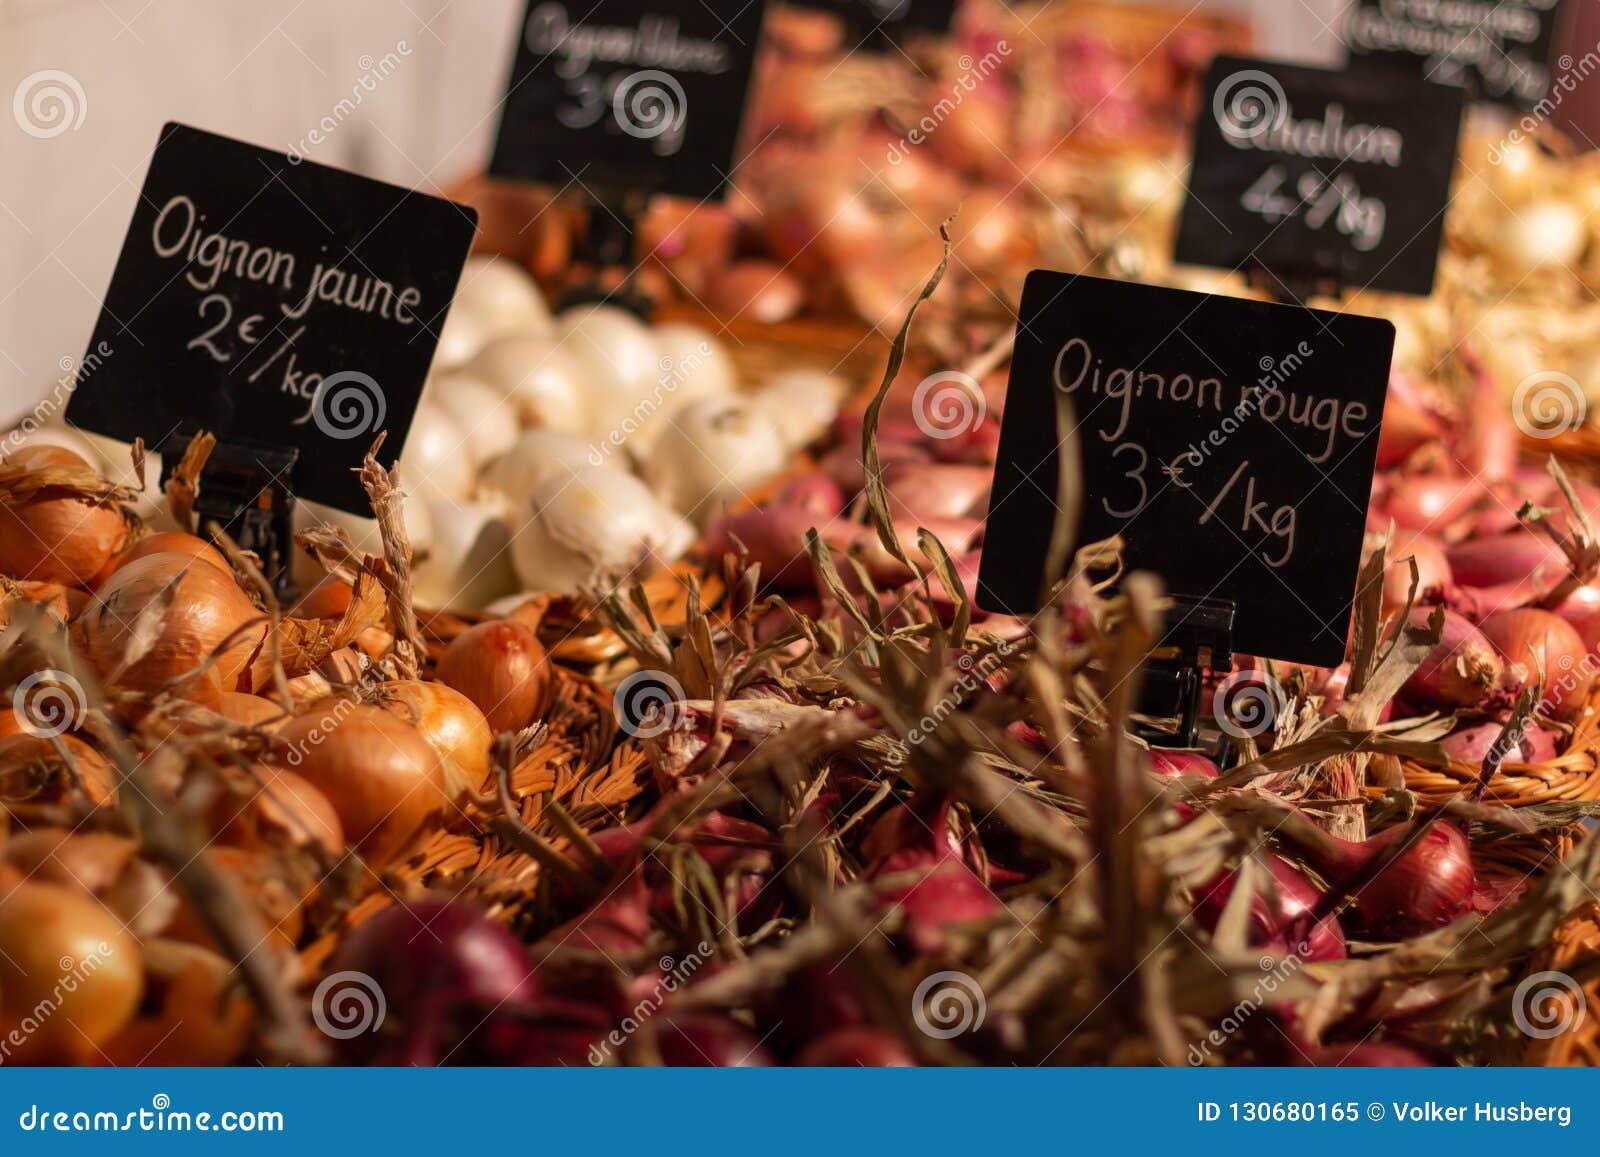 Uien van verschillende kleuren in een marktkraam met prijskaartjes